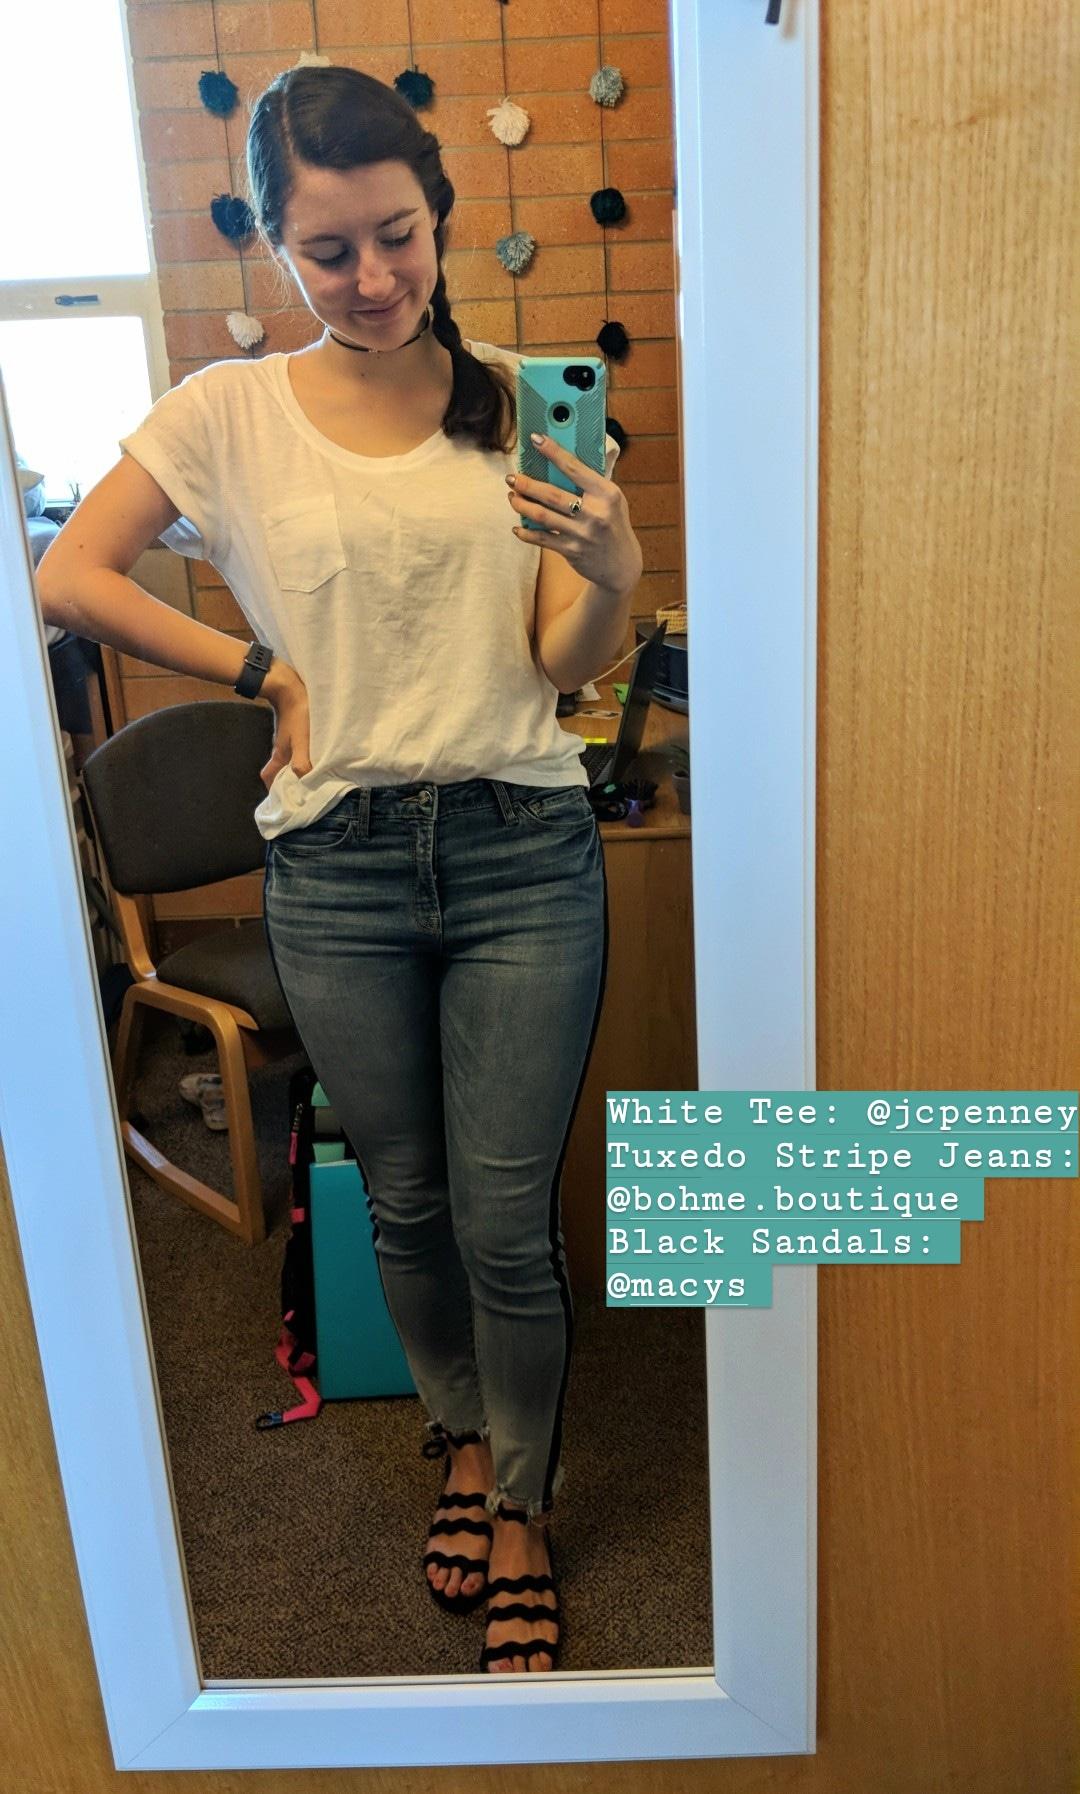 white tee, tuxedo stripe jeans, casual style